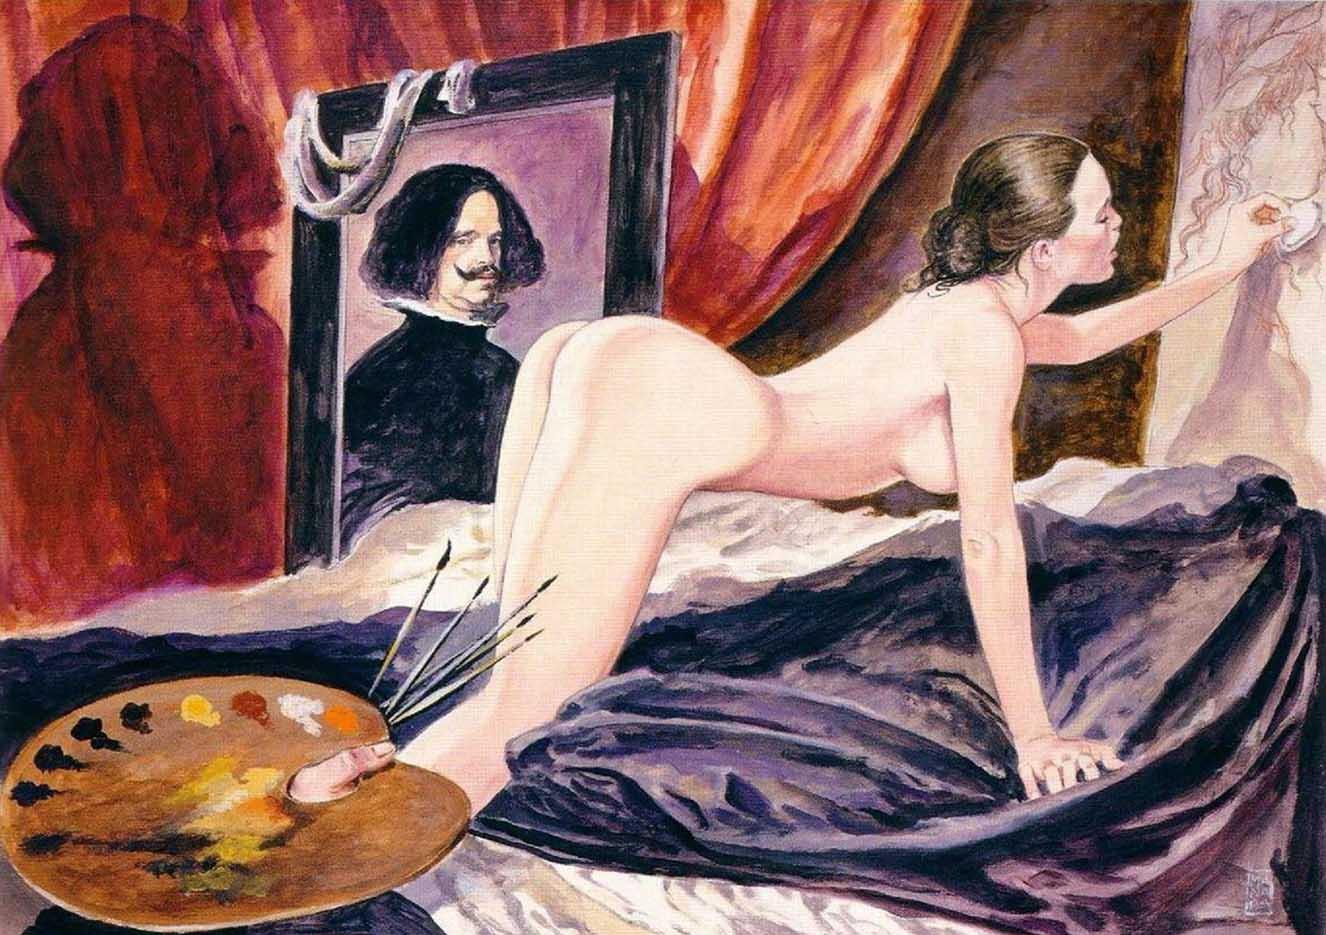 Мило Манара (Milo Manara), Erotic Illustration - 9